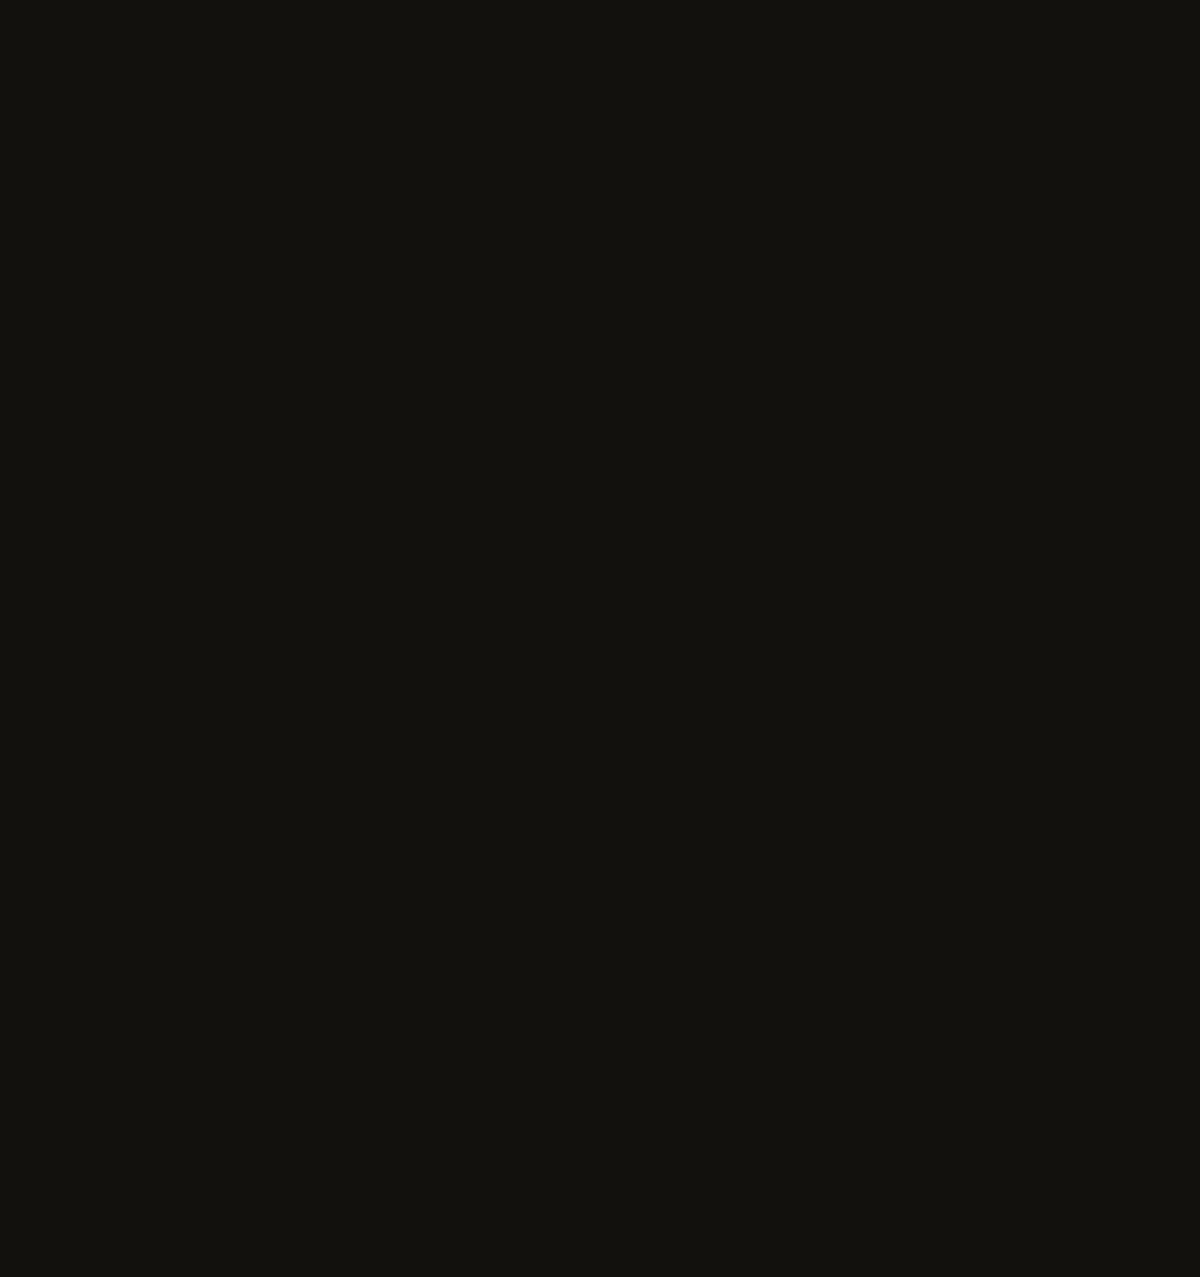 Illustrasjon: Ulike barn gjør ulike fritidsaktiviteter